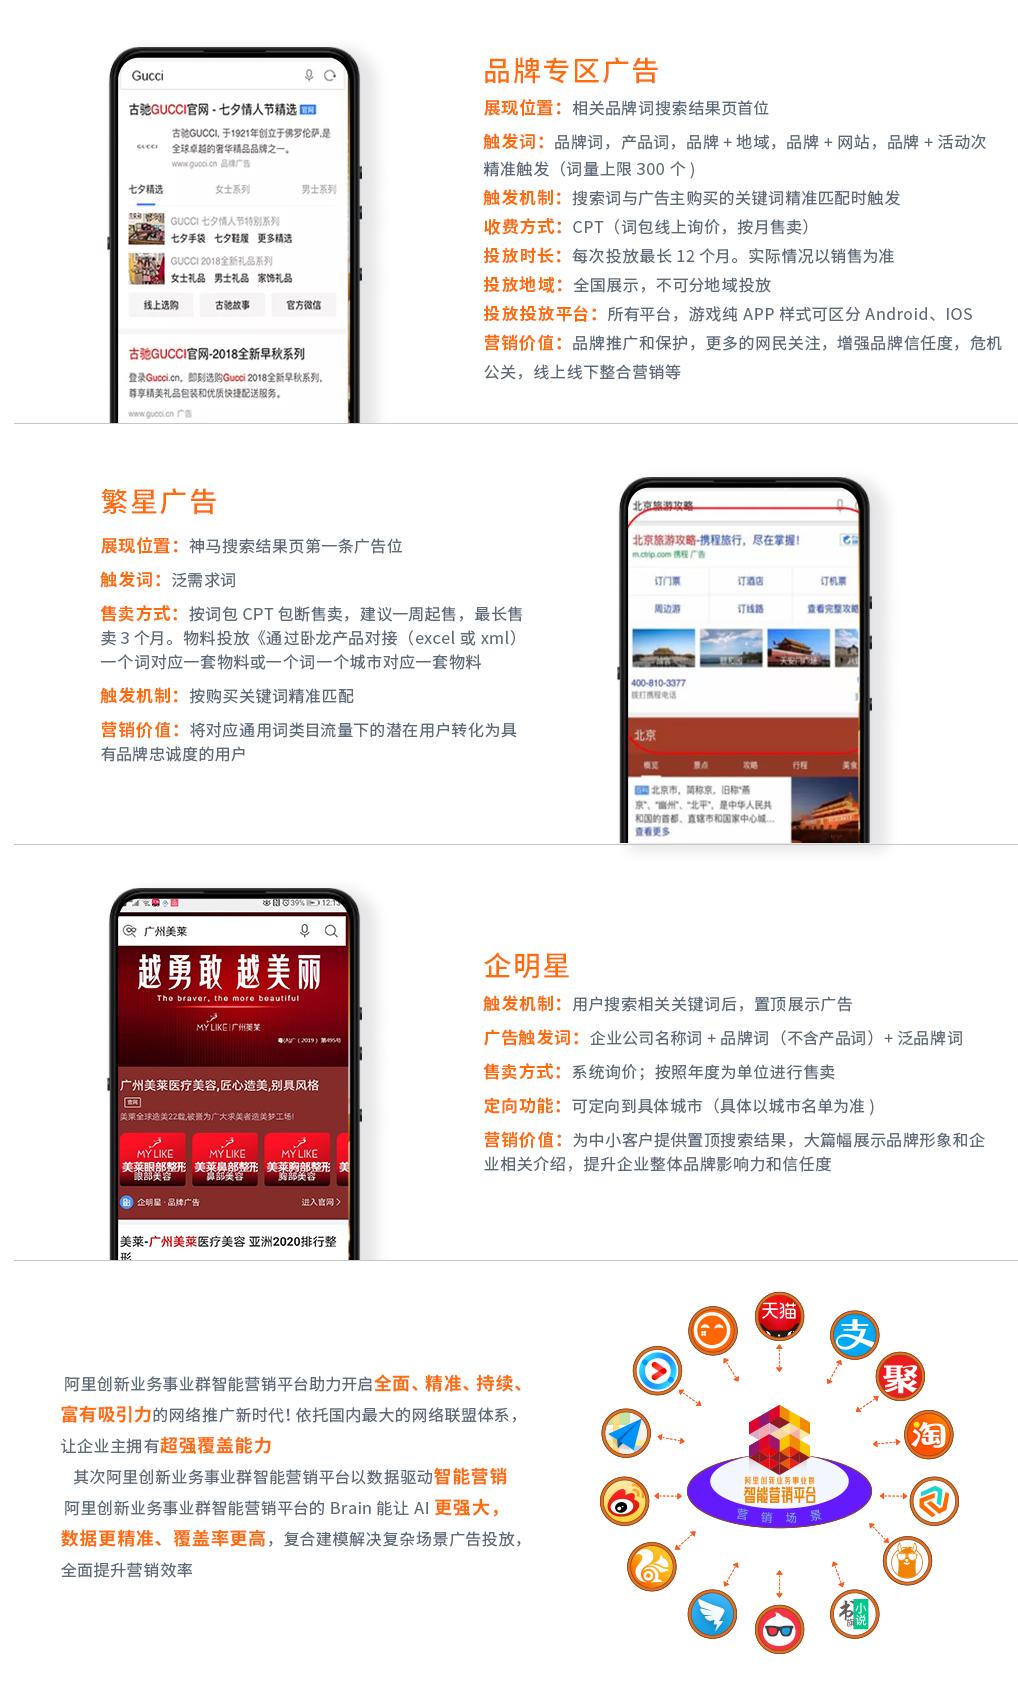 神马搜索产品内容页-1(1).jpg